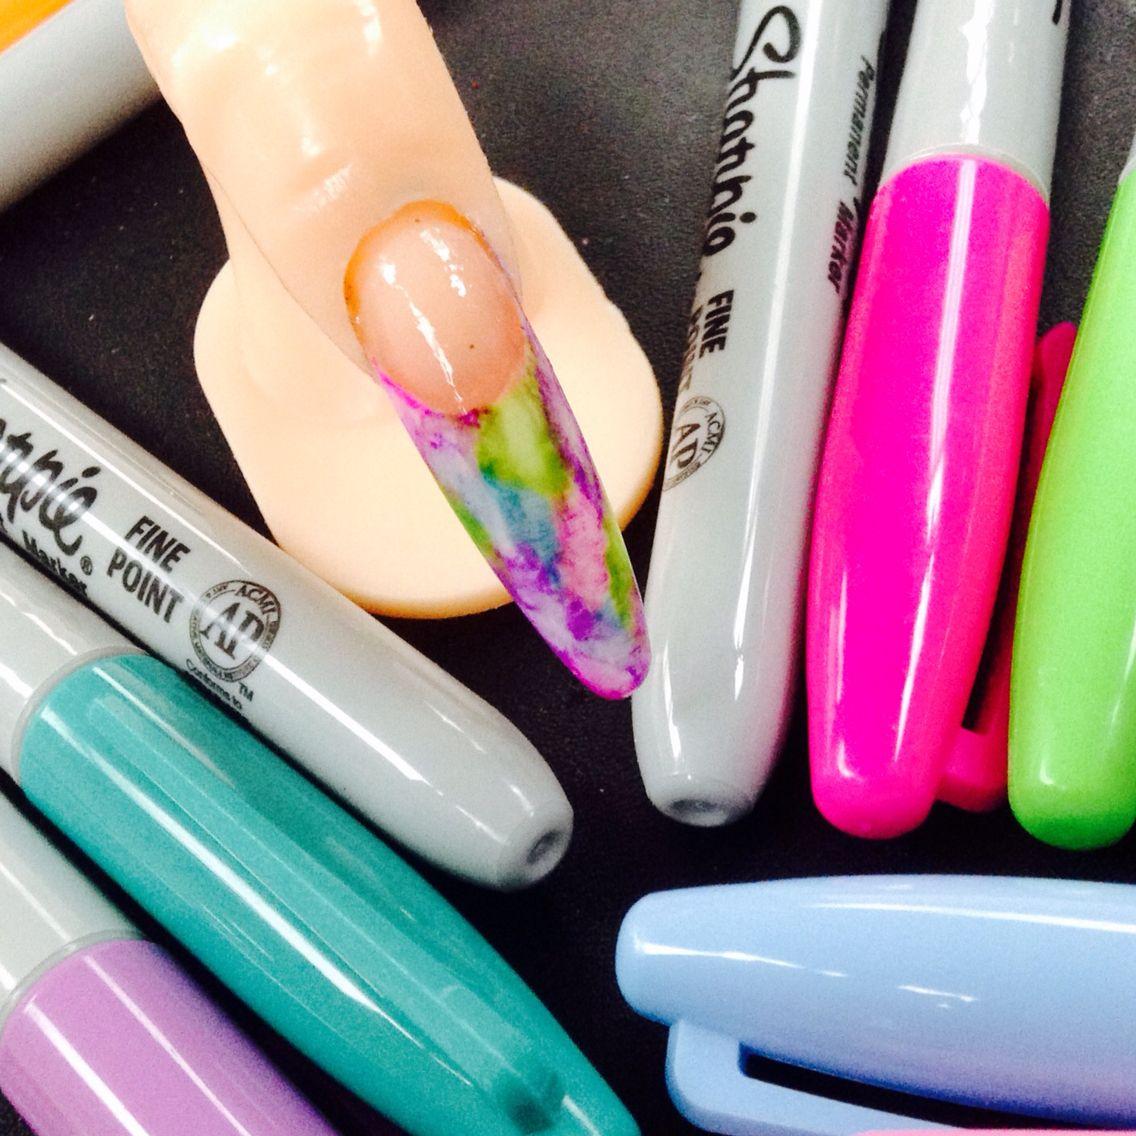 Dorable Bolígrafo Sharpie Arte De Uñas Imágenes - Ideas de Diseño de ...